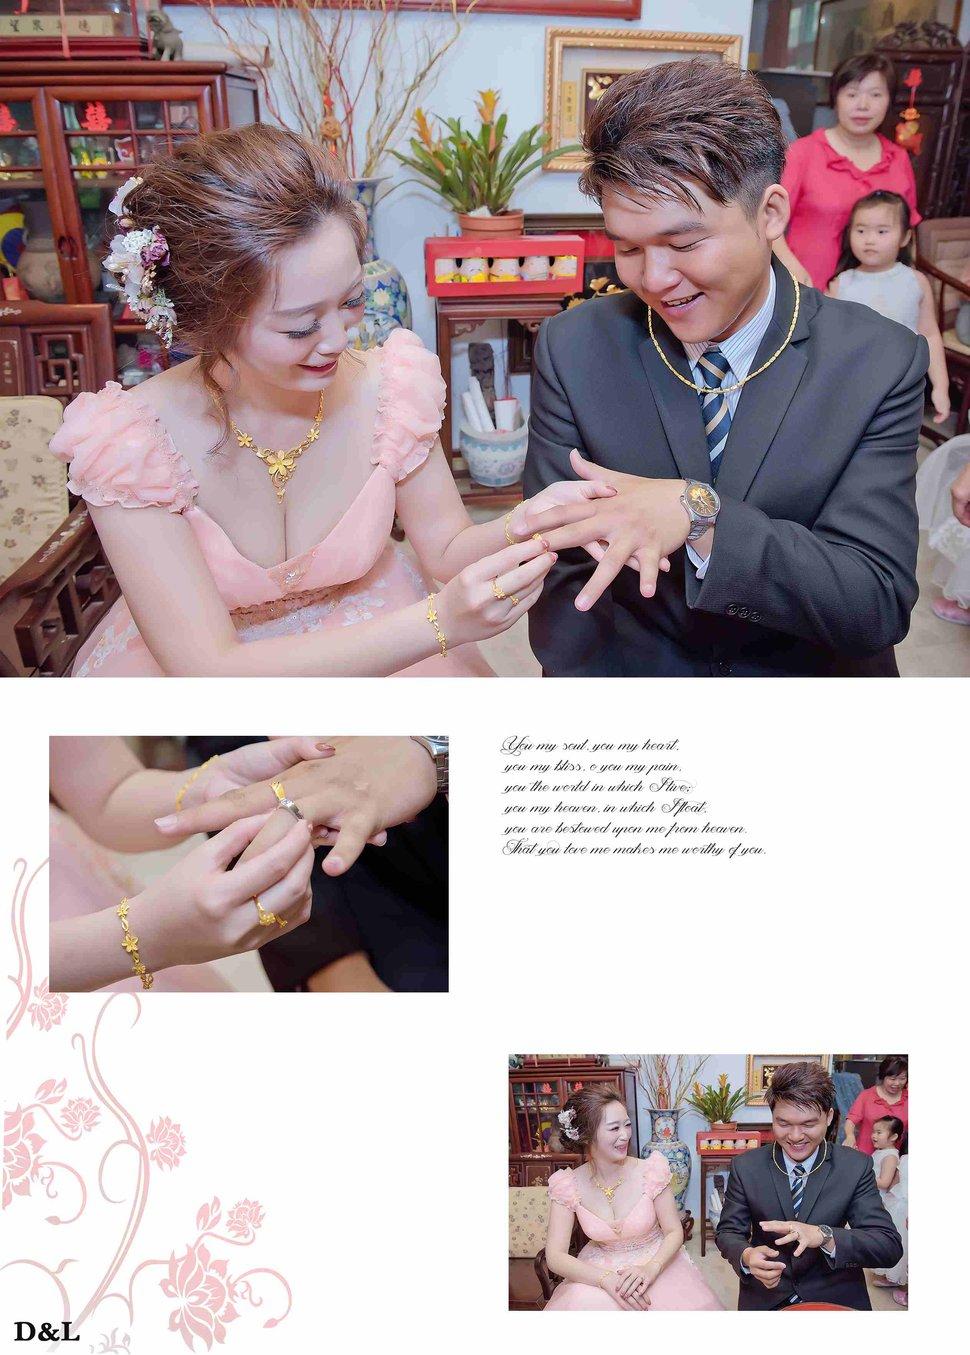 苗栗婚攝 婚禮記錄 俊明&少怡 欣桂竹園餐廳(編號:248810) - D&L 婚禮事務-婚紗攝影/婚禮記錄 - 結婚吧